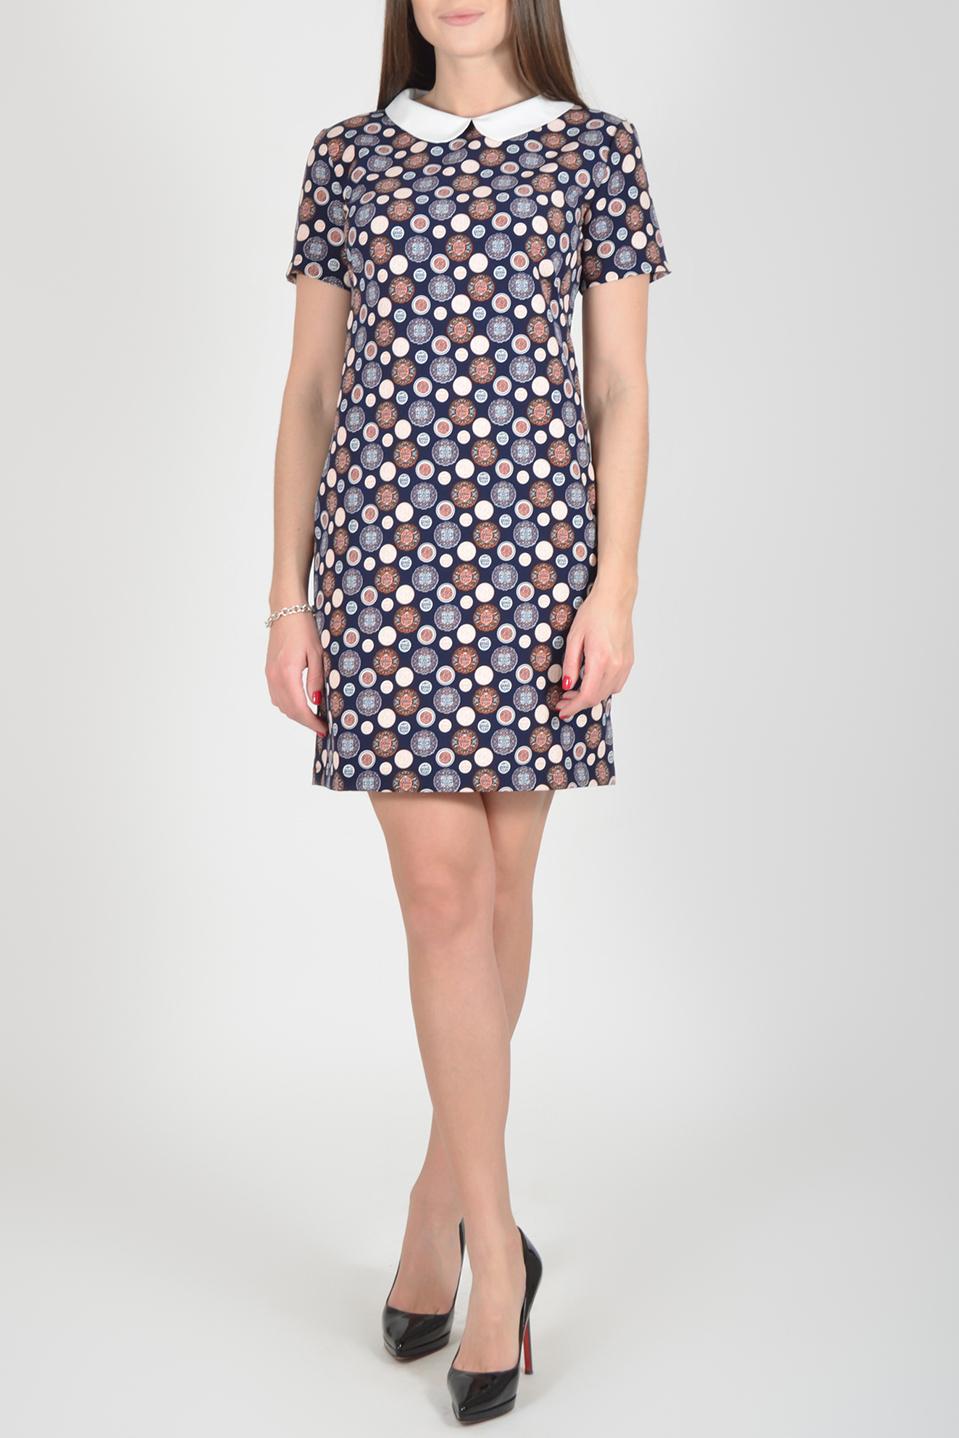 ПлатьеПлатья<br>Цветное платье с контрастным воротничком и короткими рукавами. Модель выполнена из мягкой вискозы. Отличный выбор для повседневного гардероба.  Длина изделия по спинке до 48 размера - 85 см., от 48 размера - 93 см.  В изделии использованы цвета: синий, белый и др.  Рост девушки-фотомодели 170 см.  Параметры размеров: 42 размер - обхват груди 84 см., обхват талии 66 см., обхват бедер 92 см. 44 размер - обхват груди 88 см., обхват талии 70 см., обхват бедер 96 см. 46 размер - обхват груди 92 см., обхват талии 74 см., обхват бедер 100 см. 48 размер - обхват груди 96 см., обхват талии 78 см., обхват бедер 104 см. 50 размер - обхват груди 100 см., обхват талии 82 см., обхват бедер 108 см. 52 размер - обхват груди 104 см., обхват талии 86 см., обхват бедер 112 см. 54 размер - обхват груди 108 см., обхват талии 91 см., обхват бедер 116 см. 56 размер - обхват груди 112 см., обхват талии 95 см., обхват бедер 120 см. 58 размер - обхват груди 116 см., обхват талии 100 см., обхват бедер 124 см. 60 размер - обхват груди 120 см., обхват талии 105 см., обхват бедер 128 см.<br><br>Воротник: Отложной<br>Горловина: С- горловина<br>По длине: До колена<br>По материалу: Вискоза<br>По рисунку: С принтом,Цветные<br>По силуэту: Полуприталенные<br>По стилю: Повседневный стиль<br>По форме: Платье - футляр<br>Рукав: Короткий рукав<br>По сезону: Осень,Весна<br>Размер : 46,48,50,52<br>Материал: Вискоза<br>Количество в наличии: 11